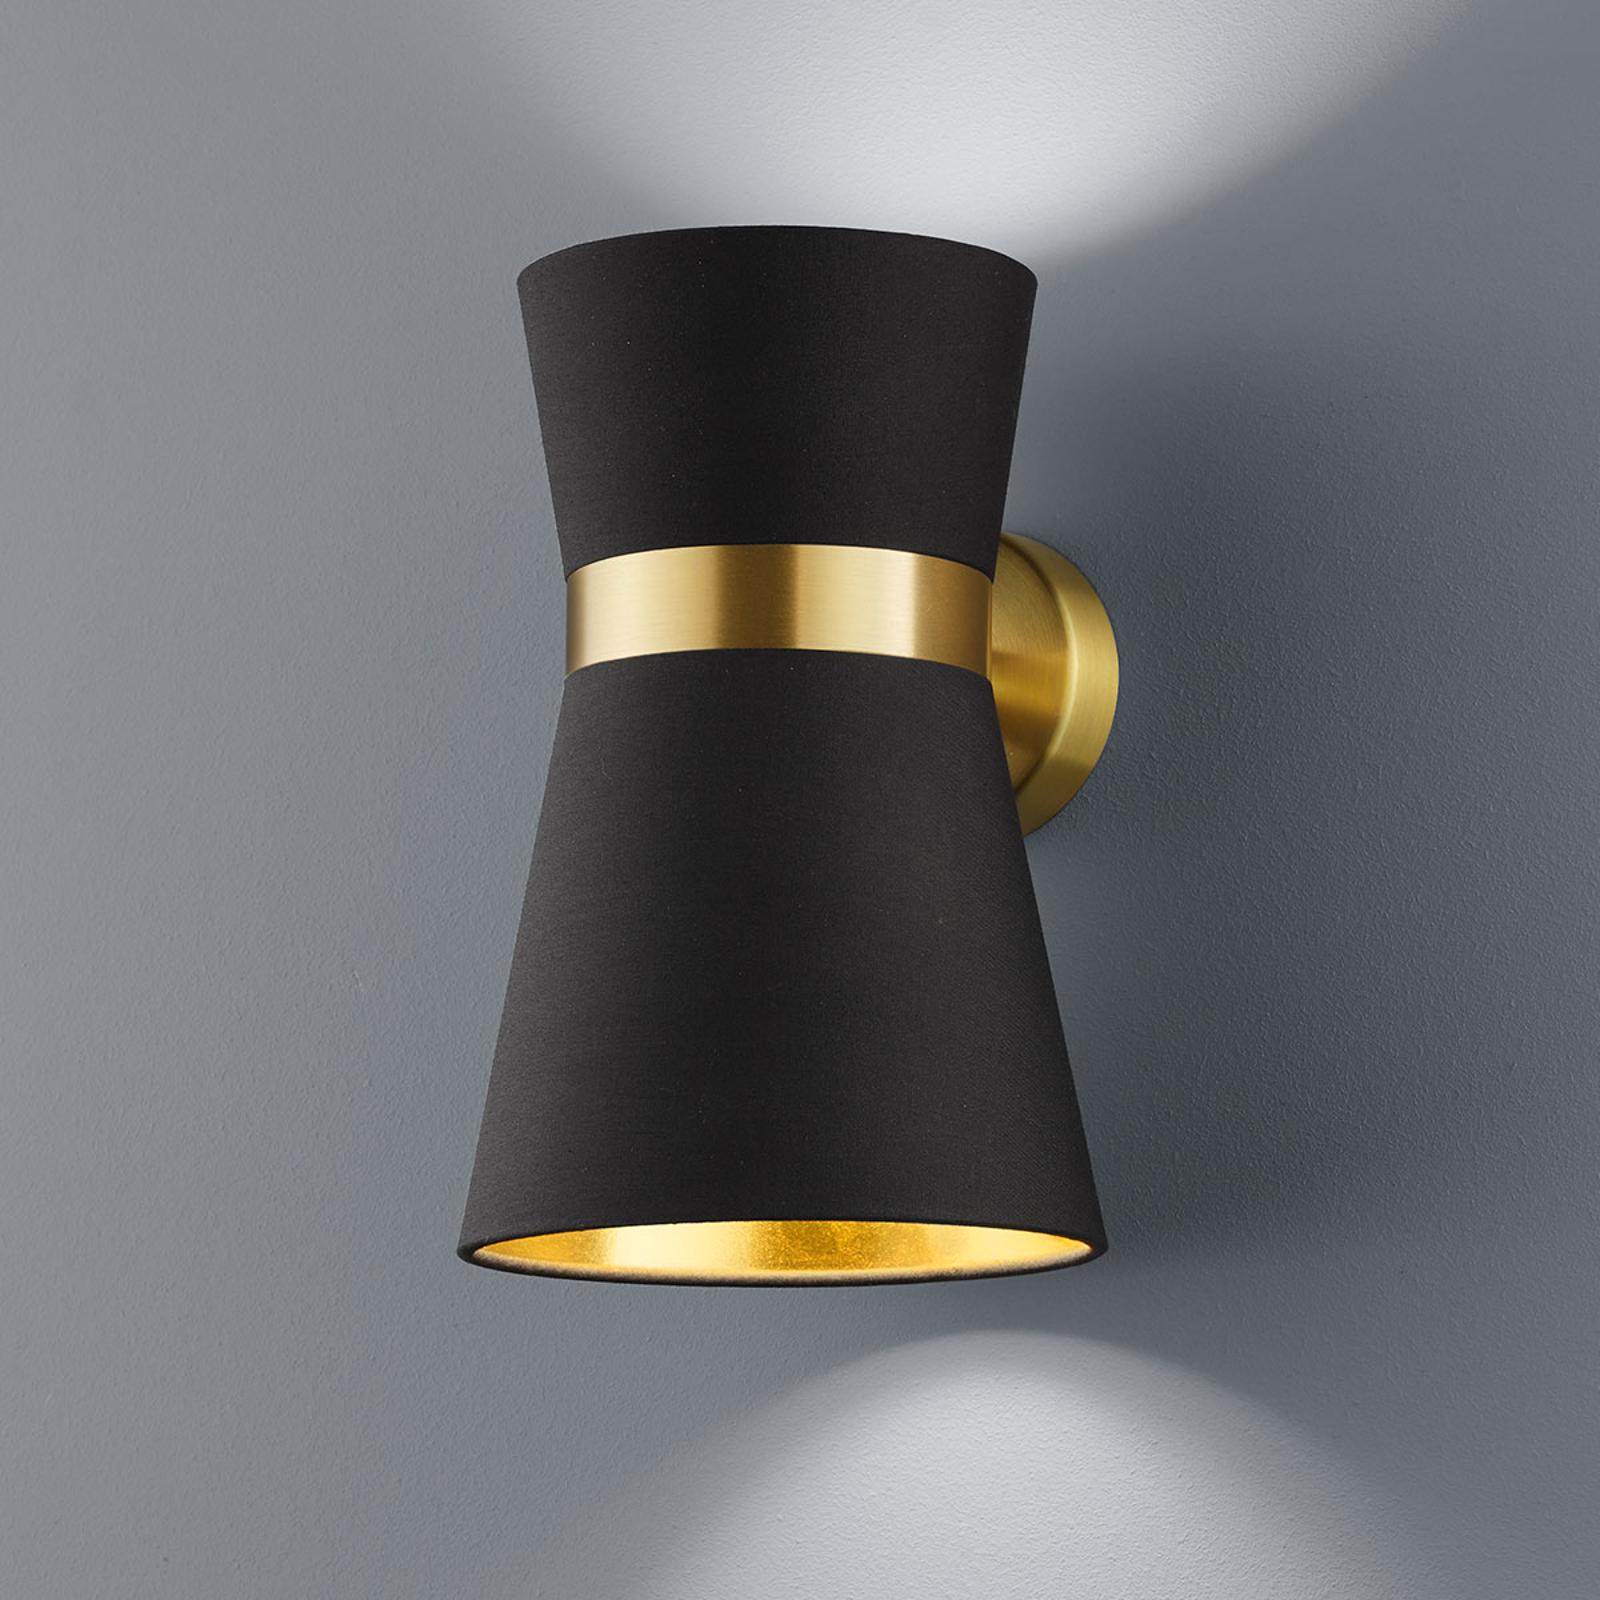 Baulmann 63.326.03-4208 Wandlampe in Messing matt